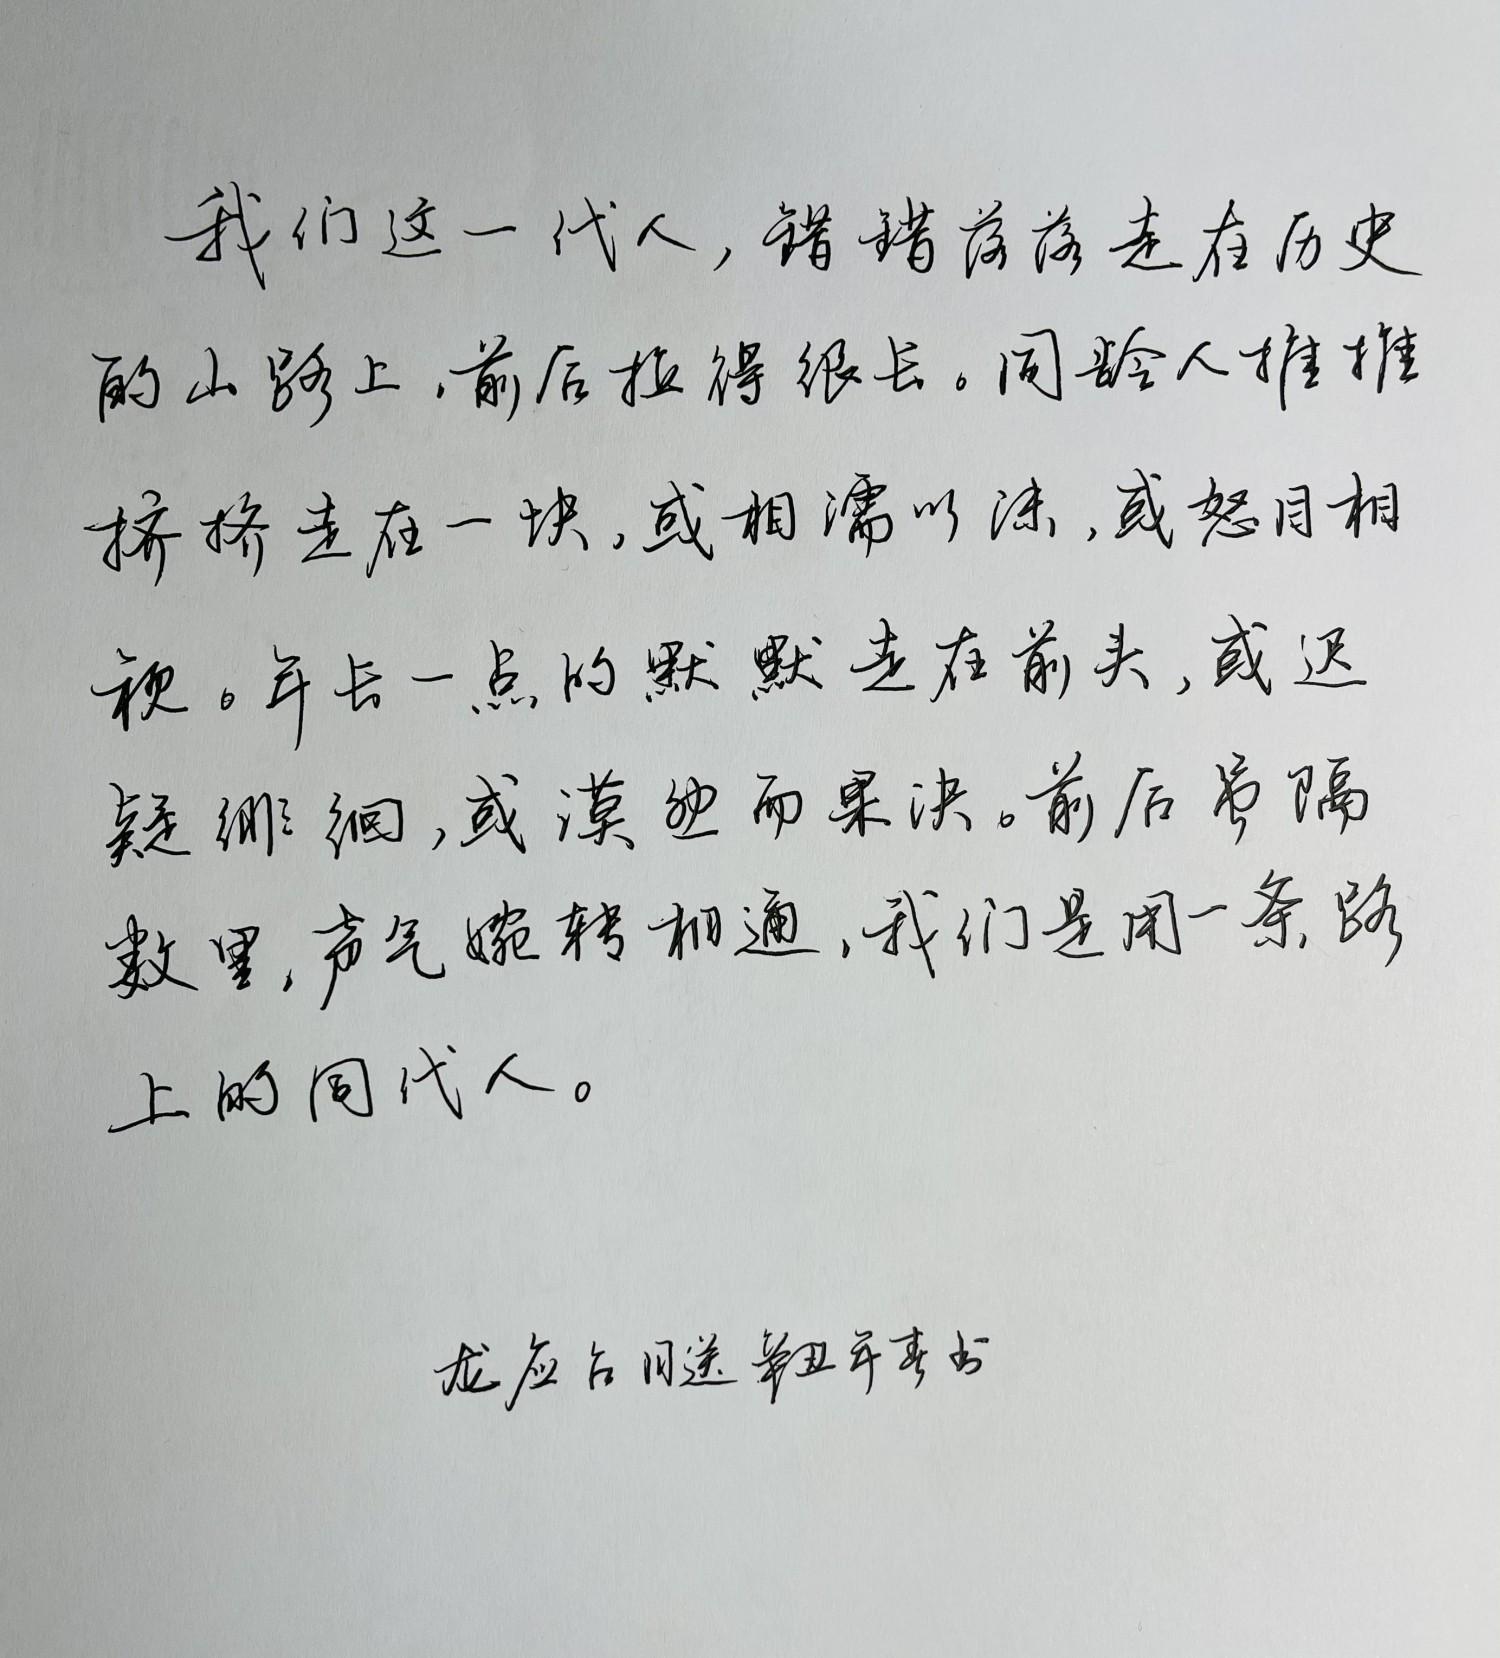 钢笔爱好者练字打卡20210316-07